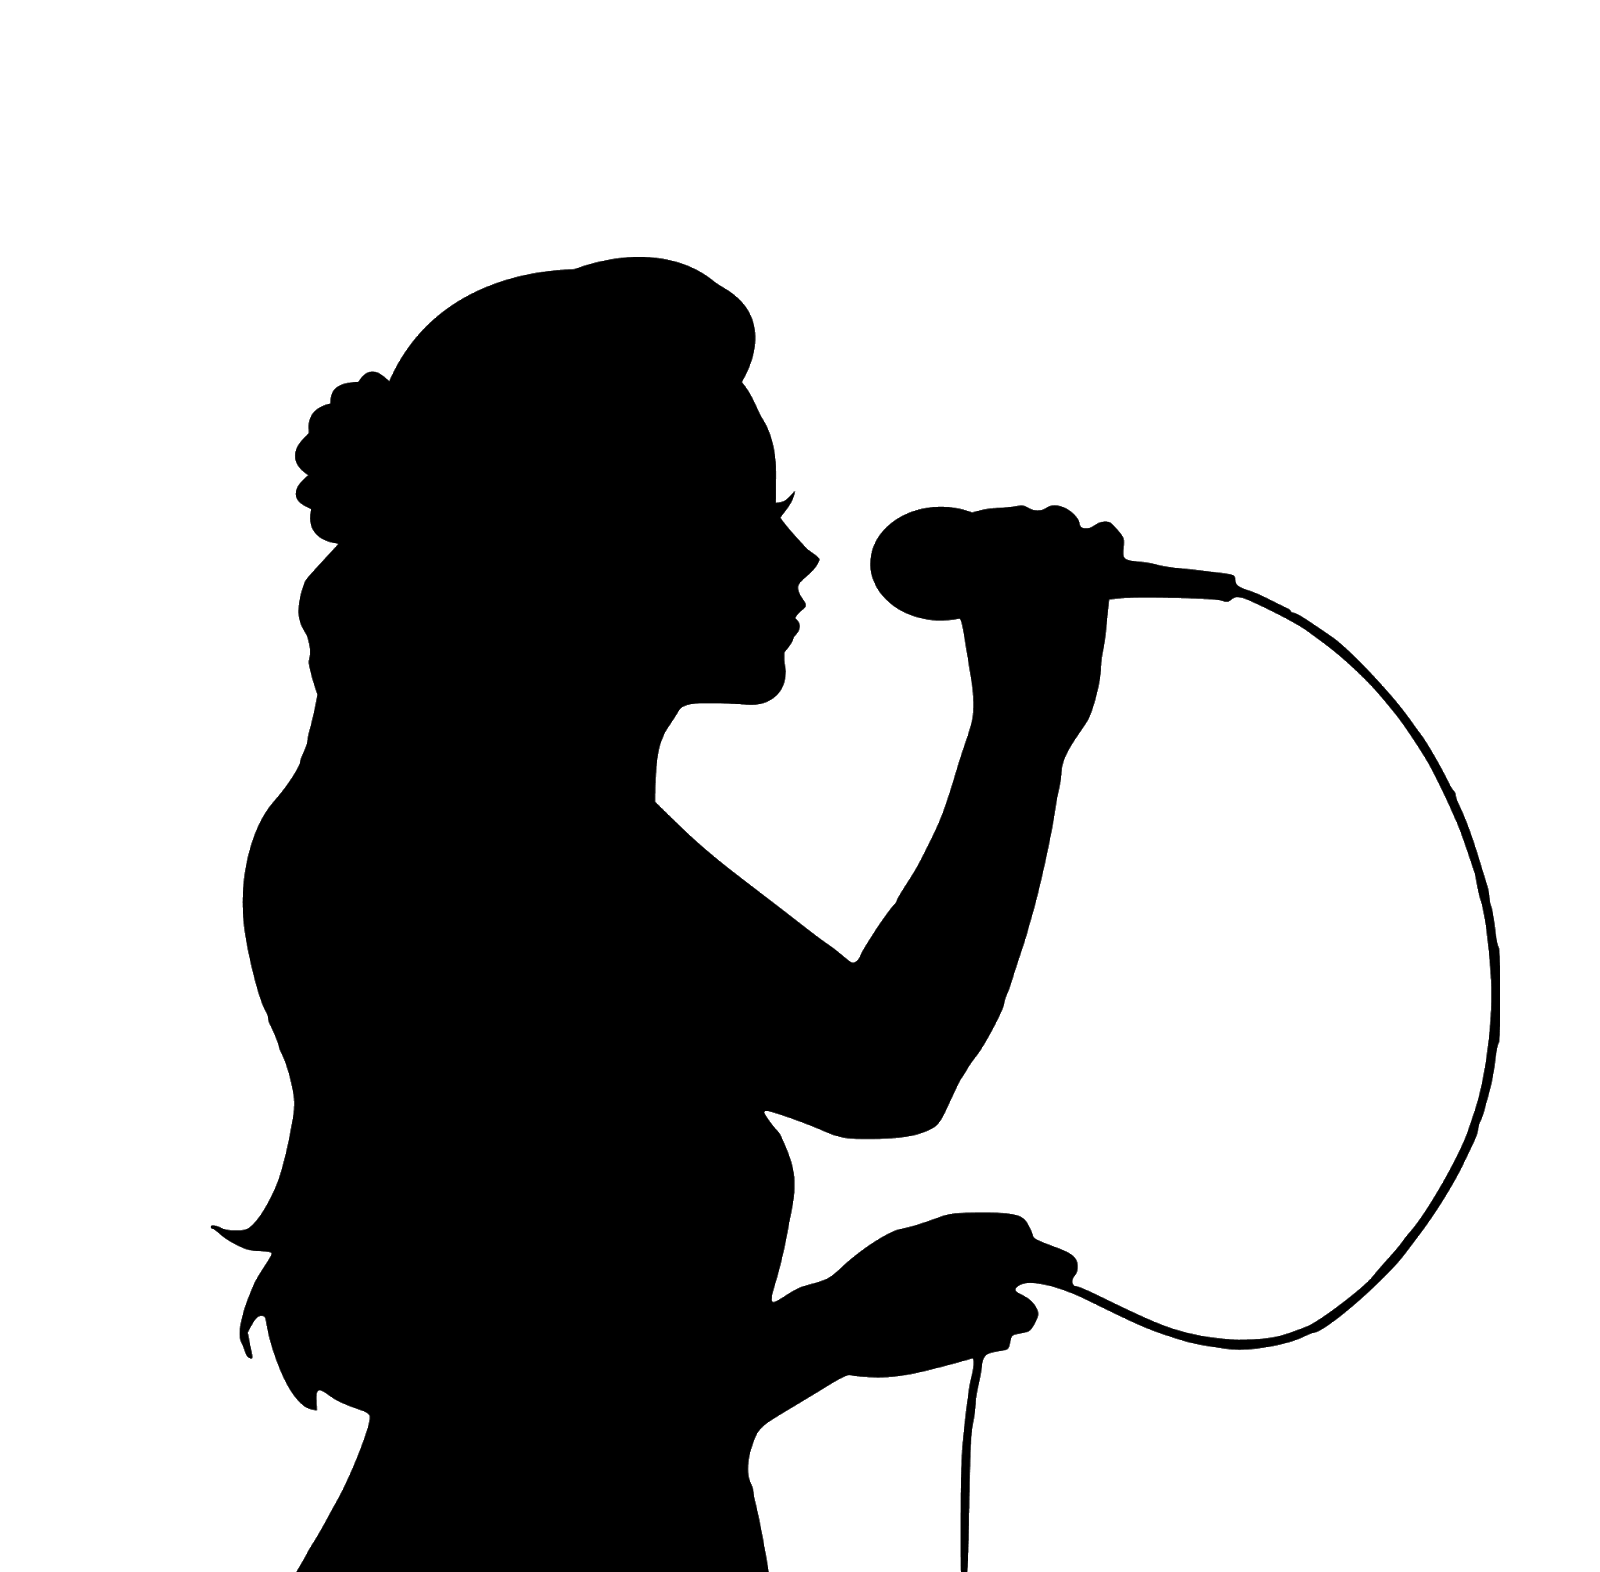 Картинка силуэт певца